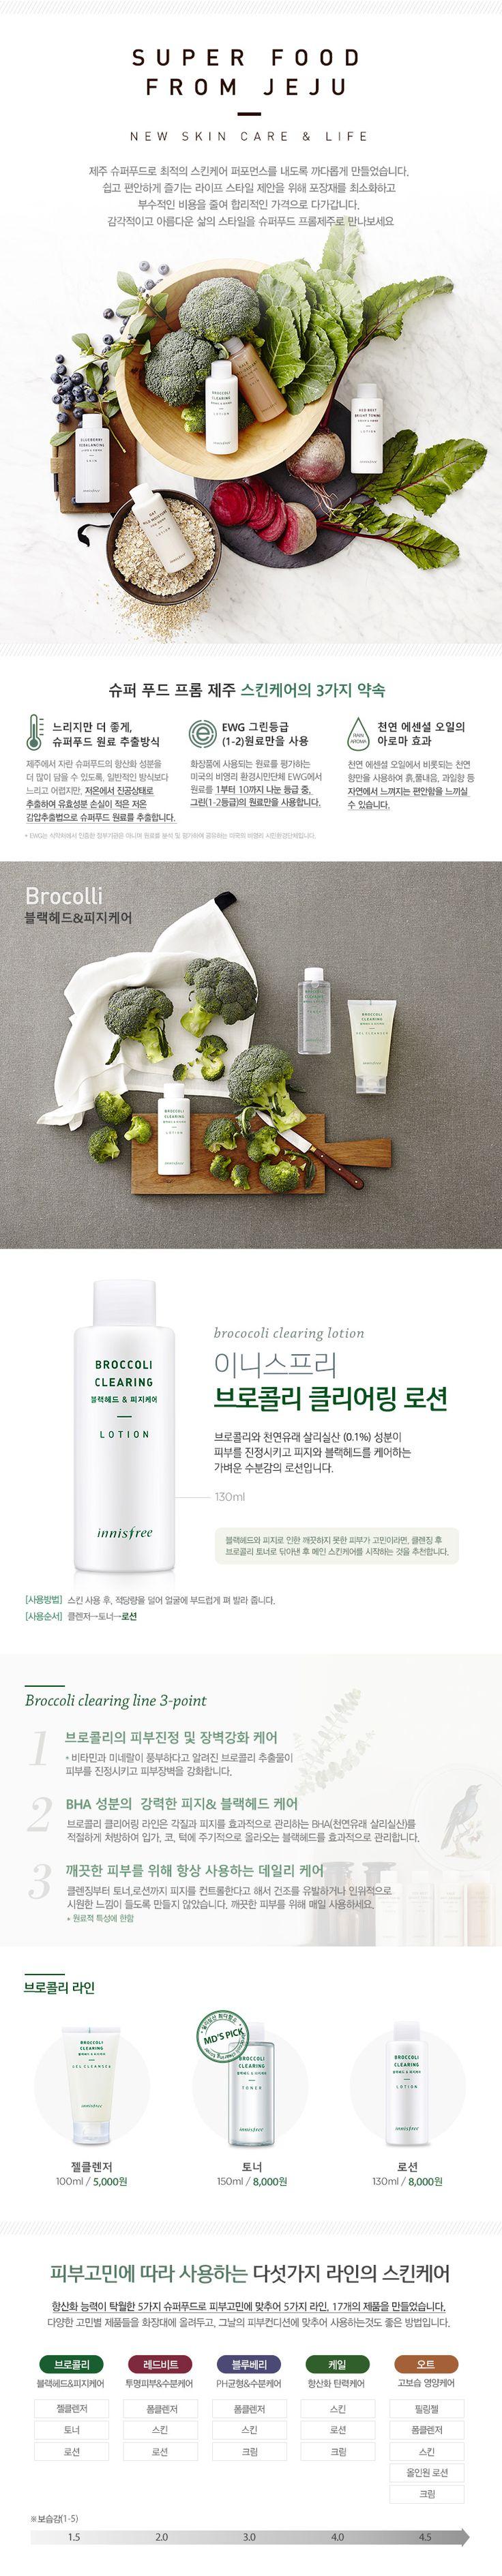 쇼핑하기 > 스킨케어 > 로션   Natural benefit from Jeju, innisfree